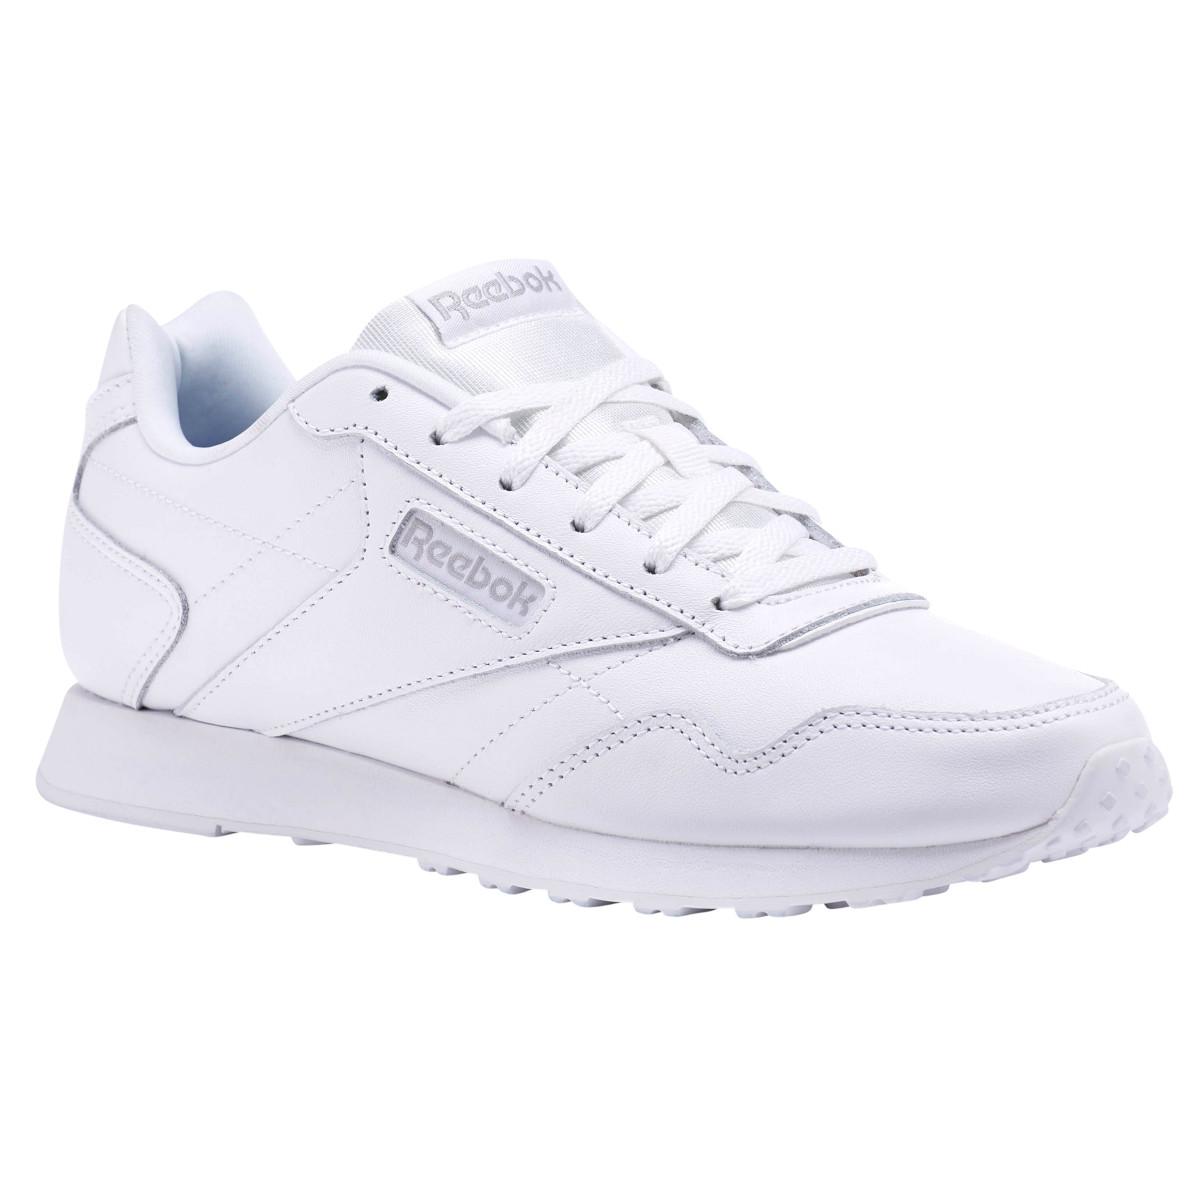 Reebok Women Royal Glide LX Sneaker - white/steel CN2142